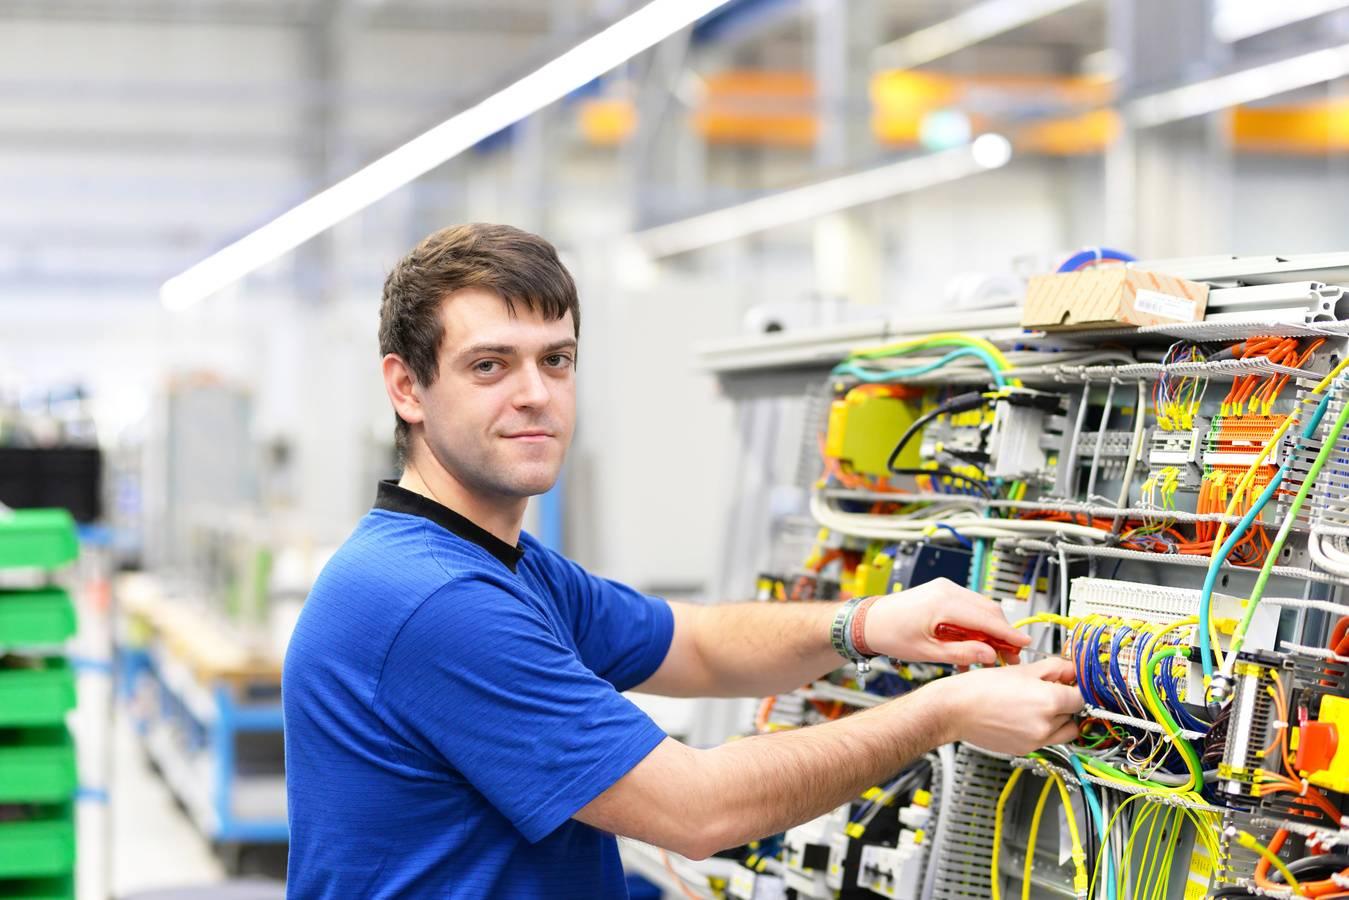 Elektroniker - Maschinen und Antriebstechnik